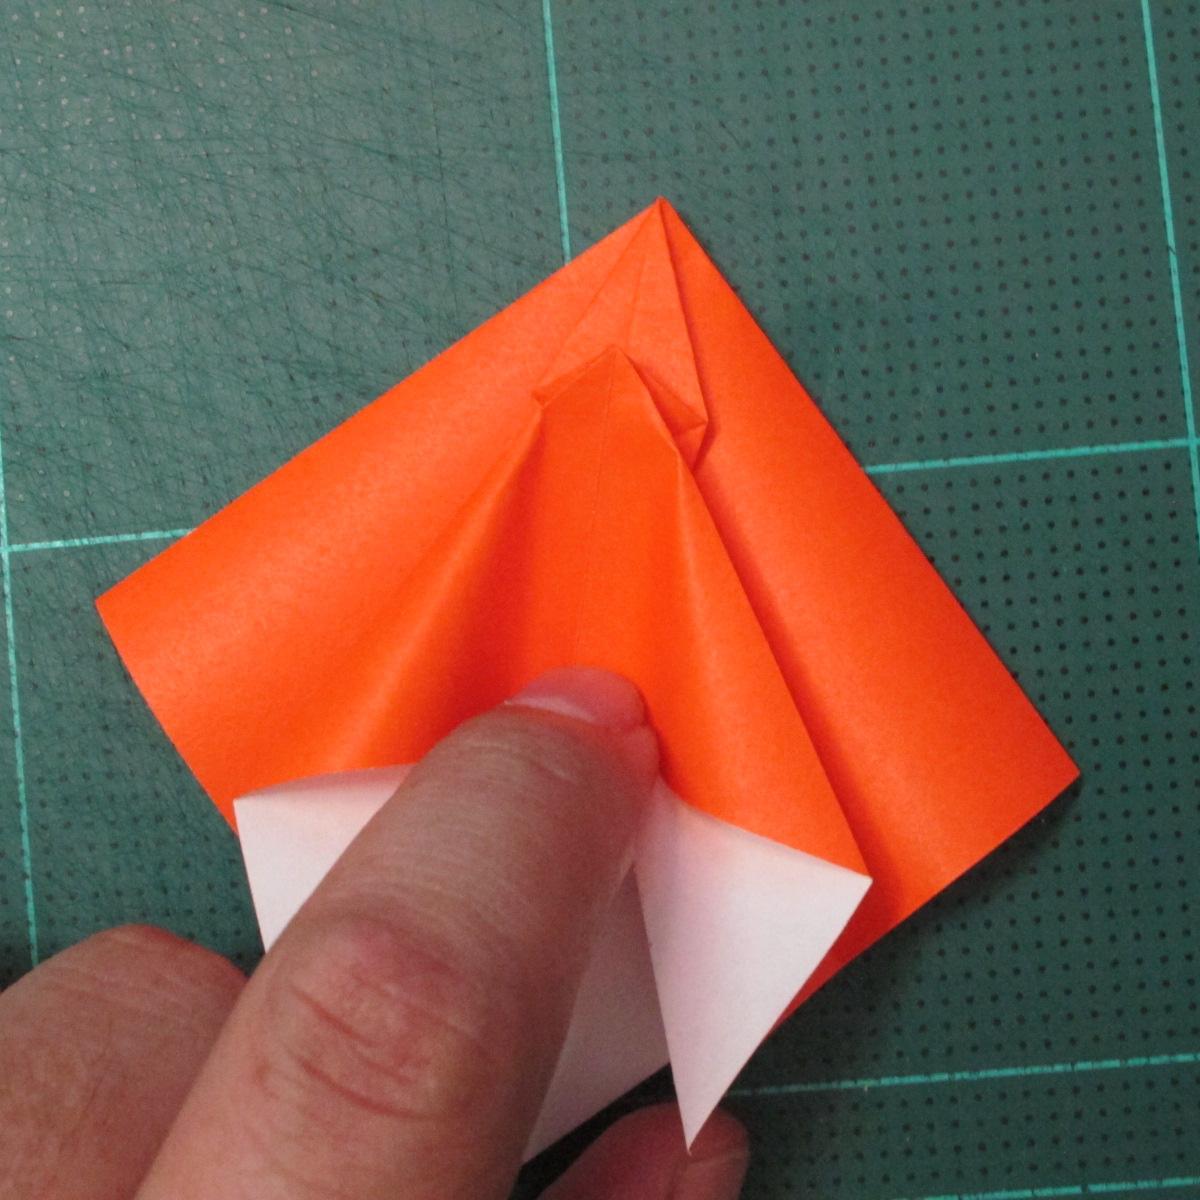 วิธีพับกระดาษเป็นที่คั่นหนังสือรูปผีเสื้อ (Origami Butterfly Bookmark) 022